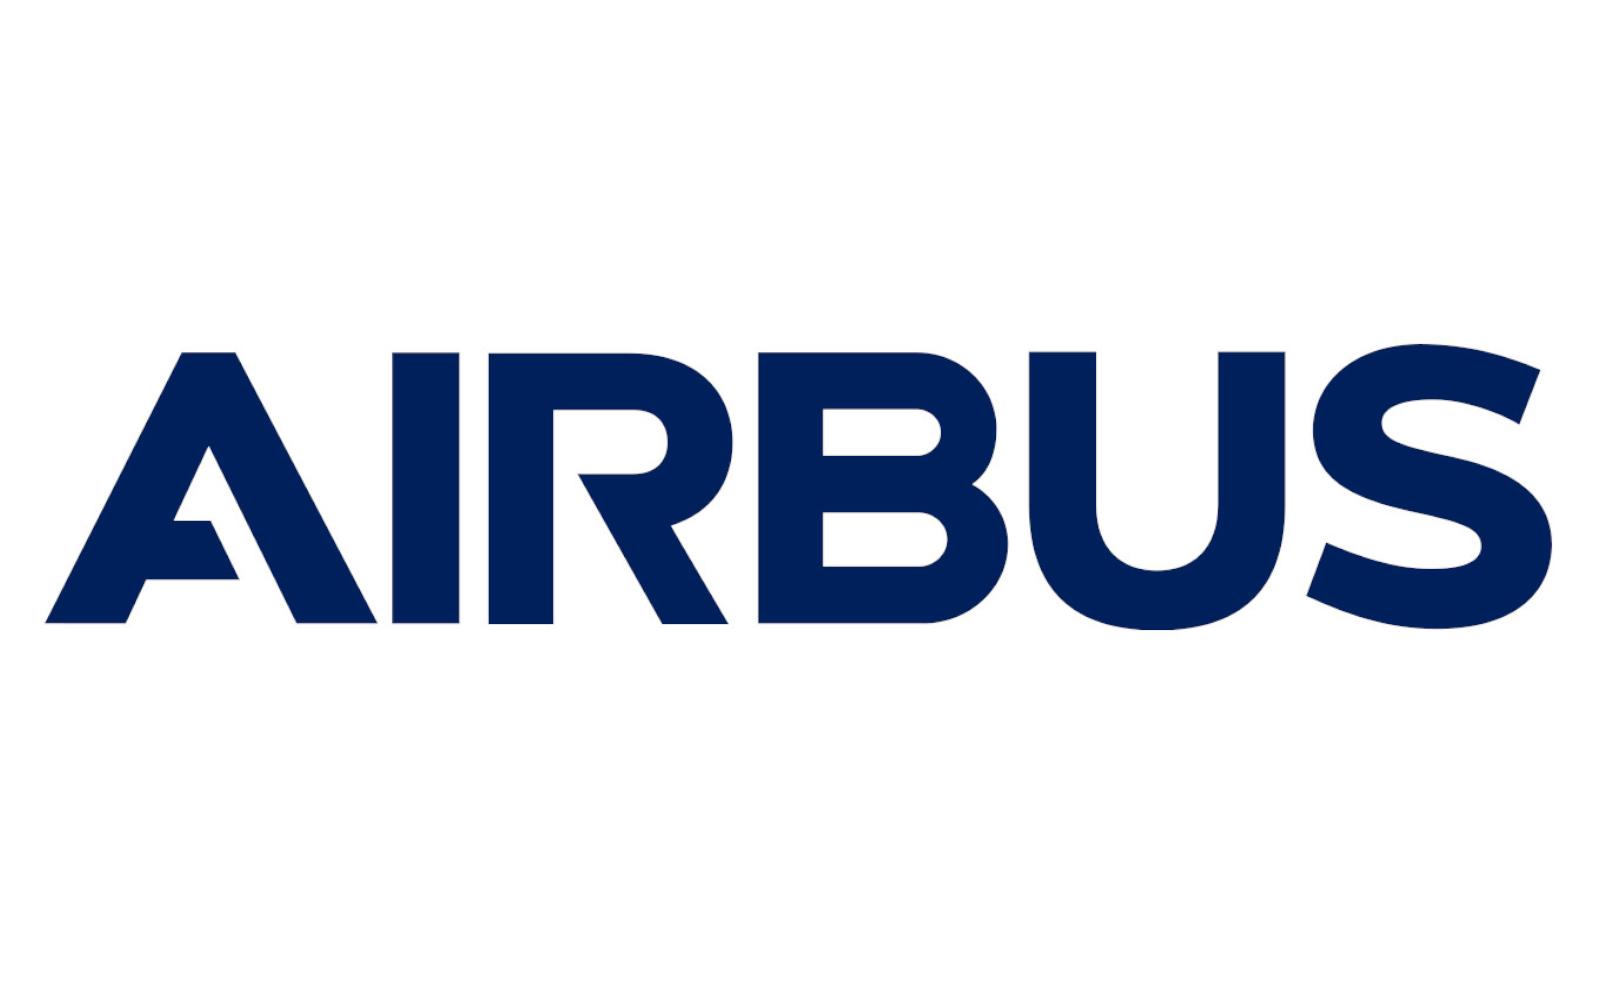 CENTUM ADENEO fournisseur d'un démonstrateur d'hélicoptère léger hybride pour Airbus Helicopters